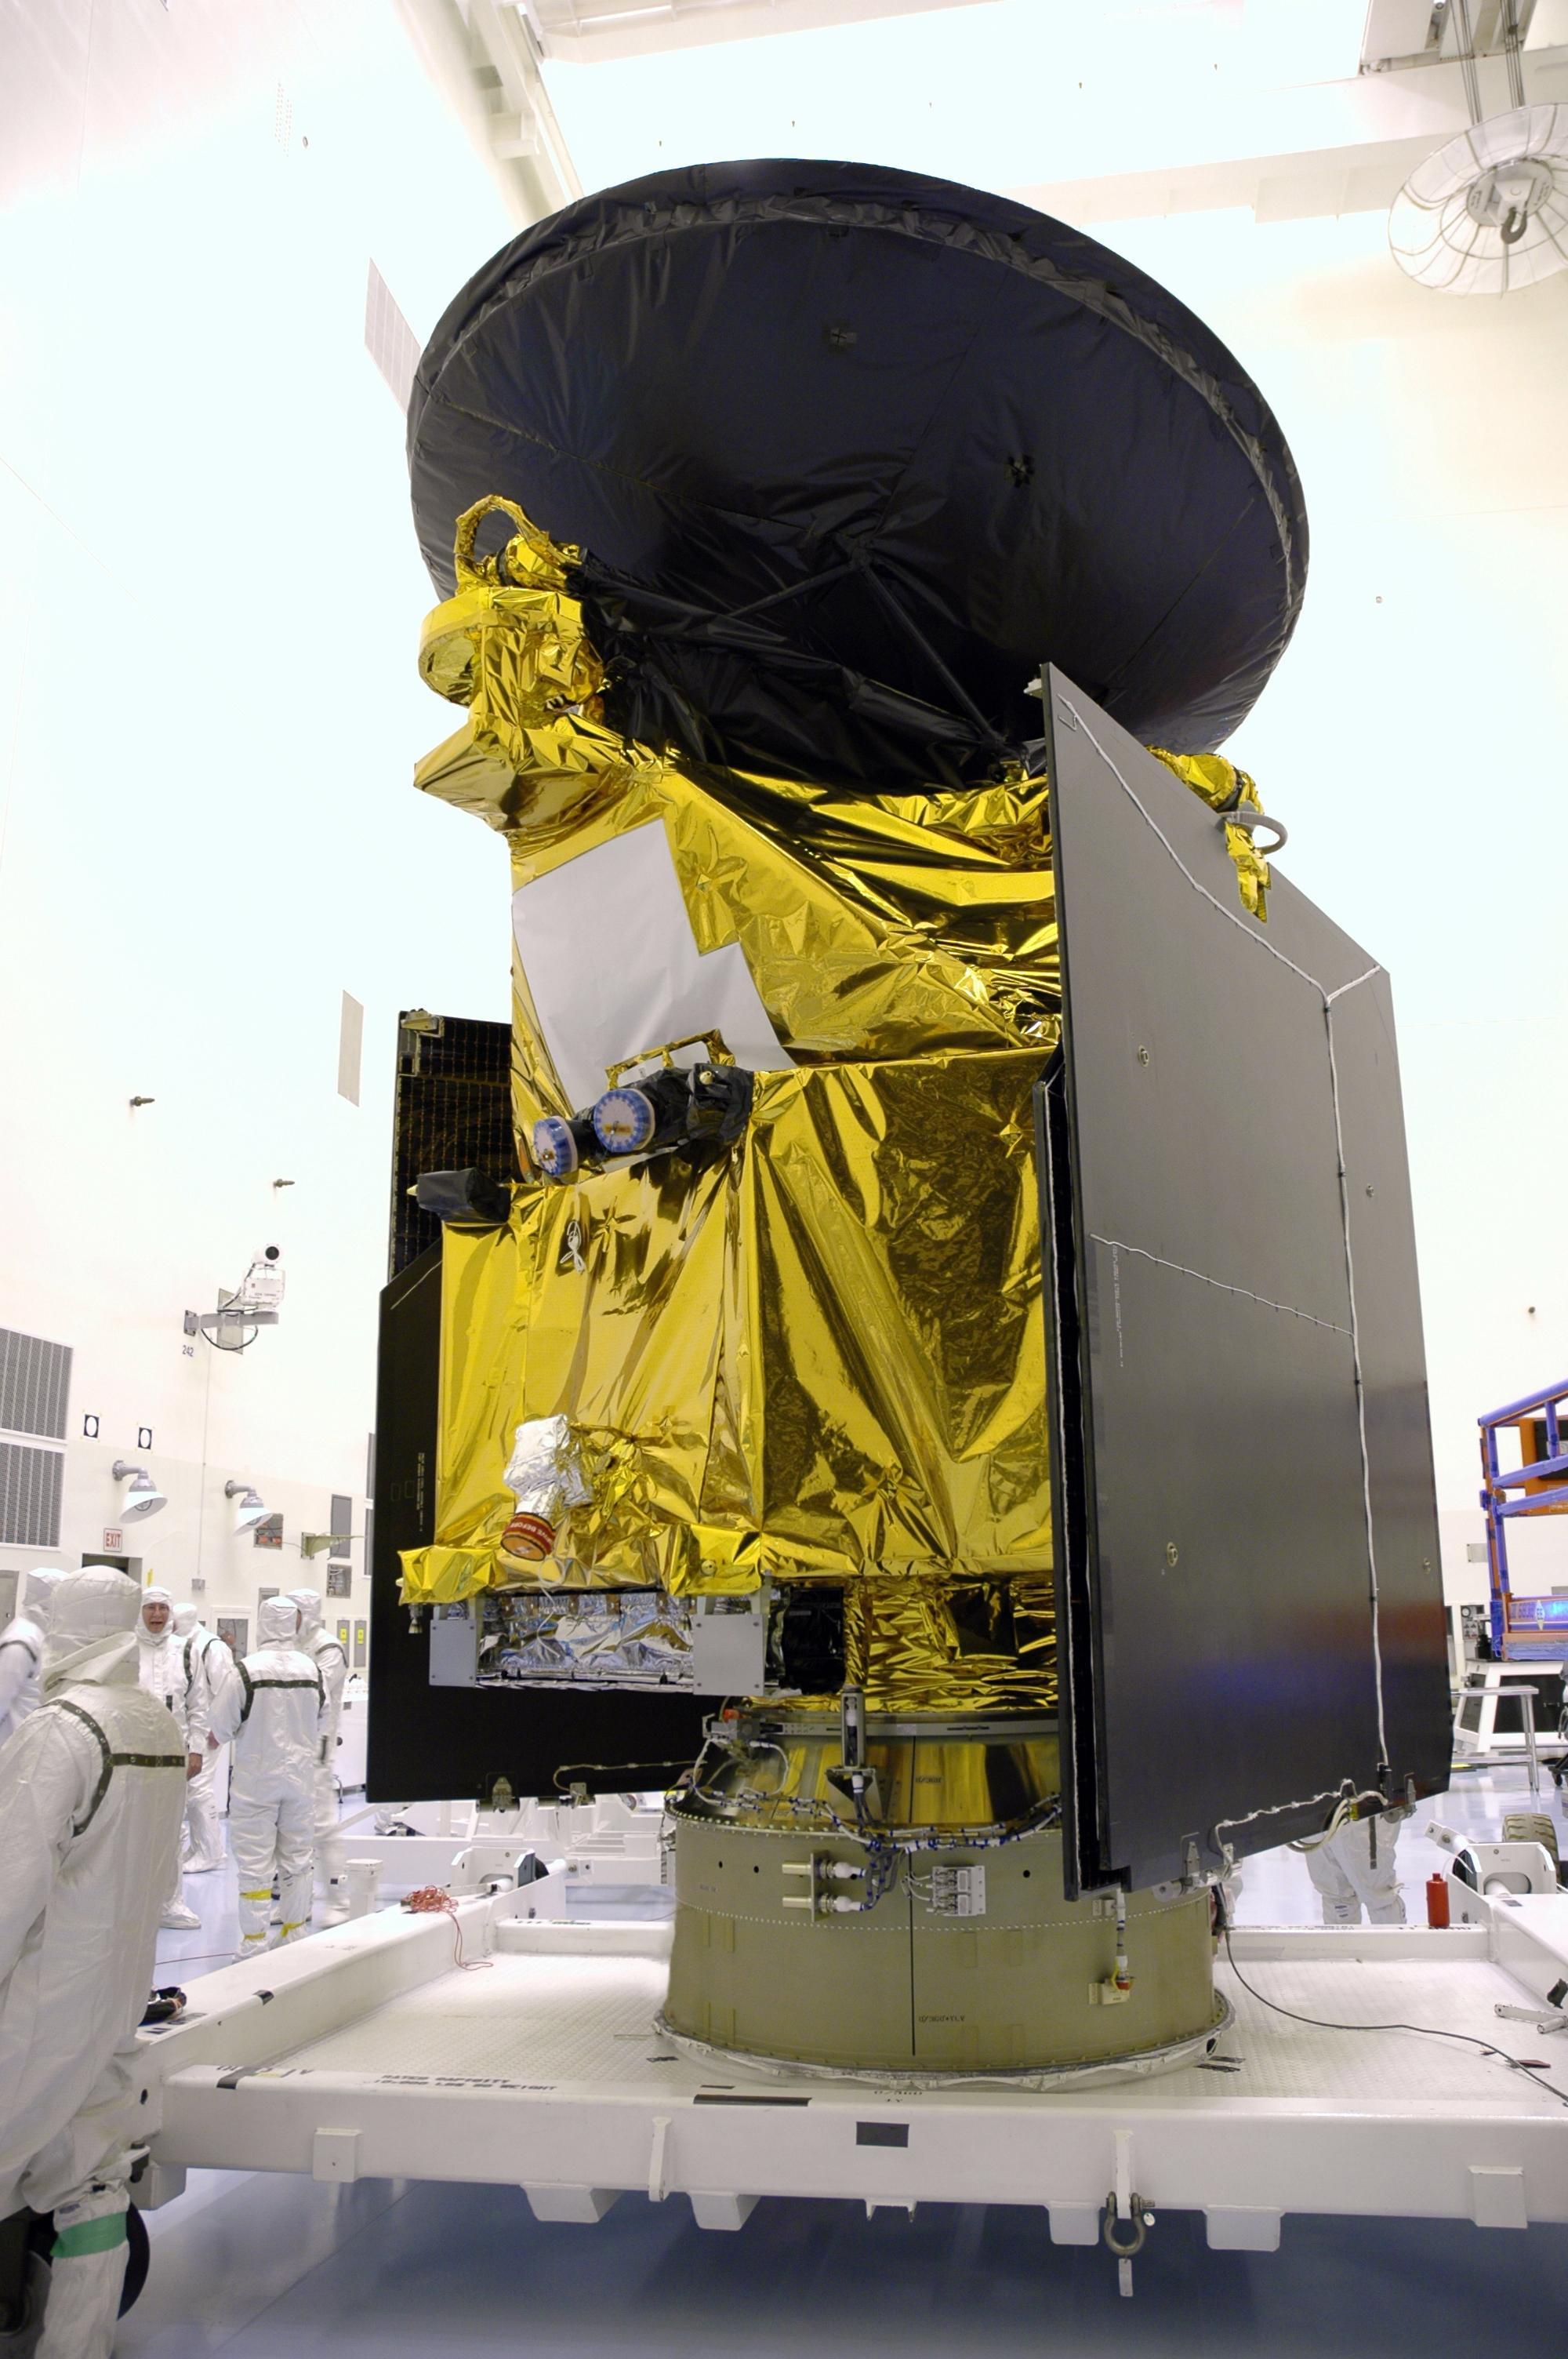 Reconnaissance Satellites on Mars on The Mars Reconnaissance